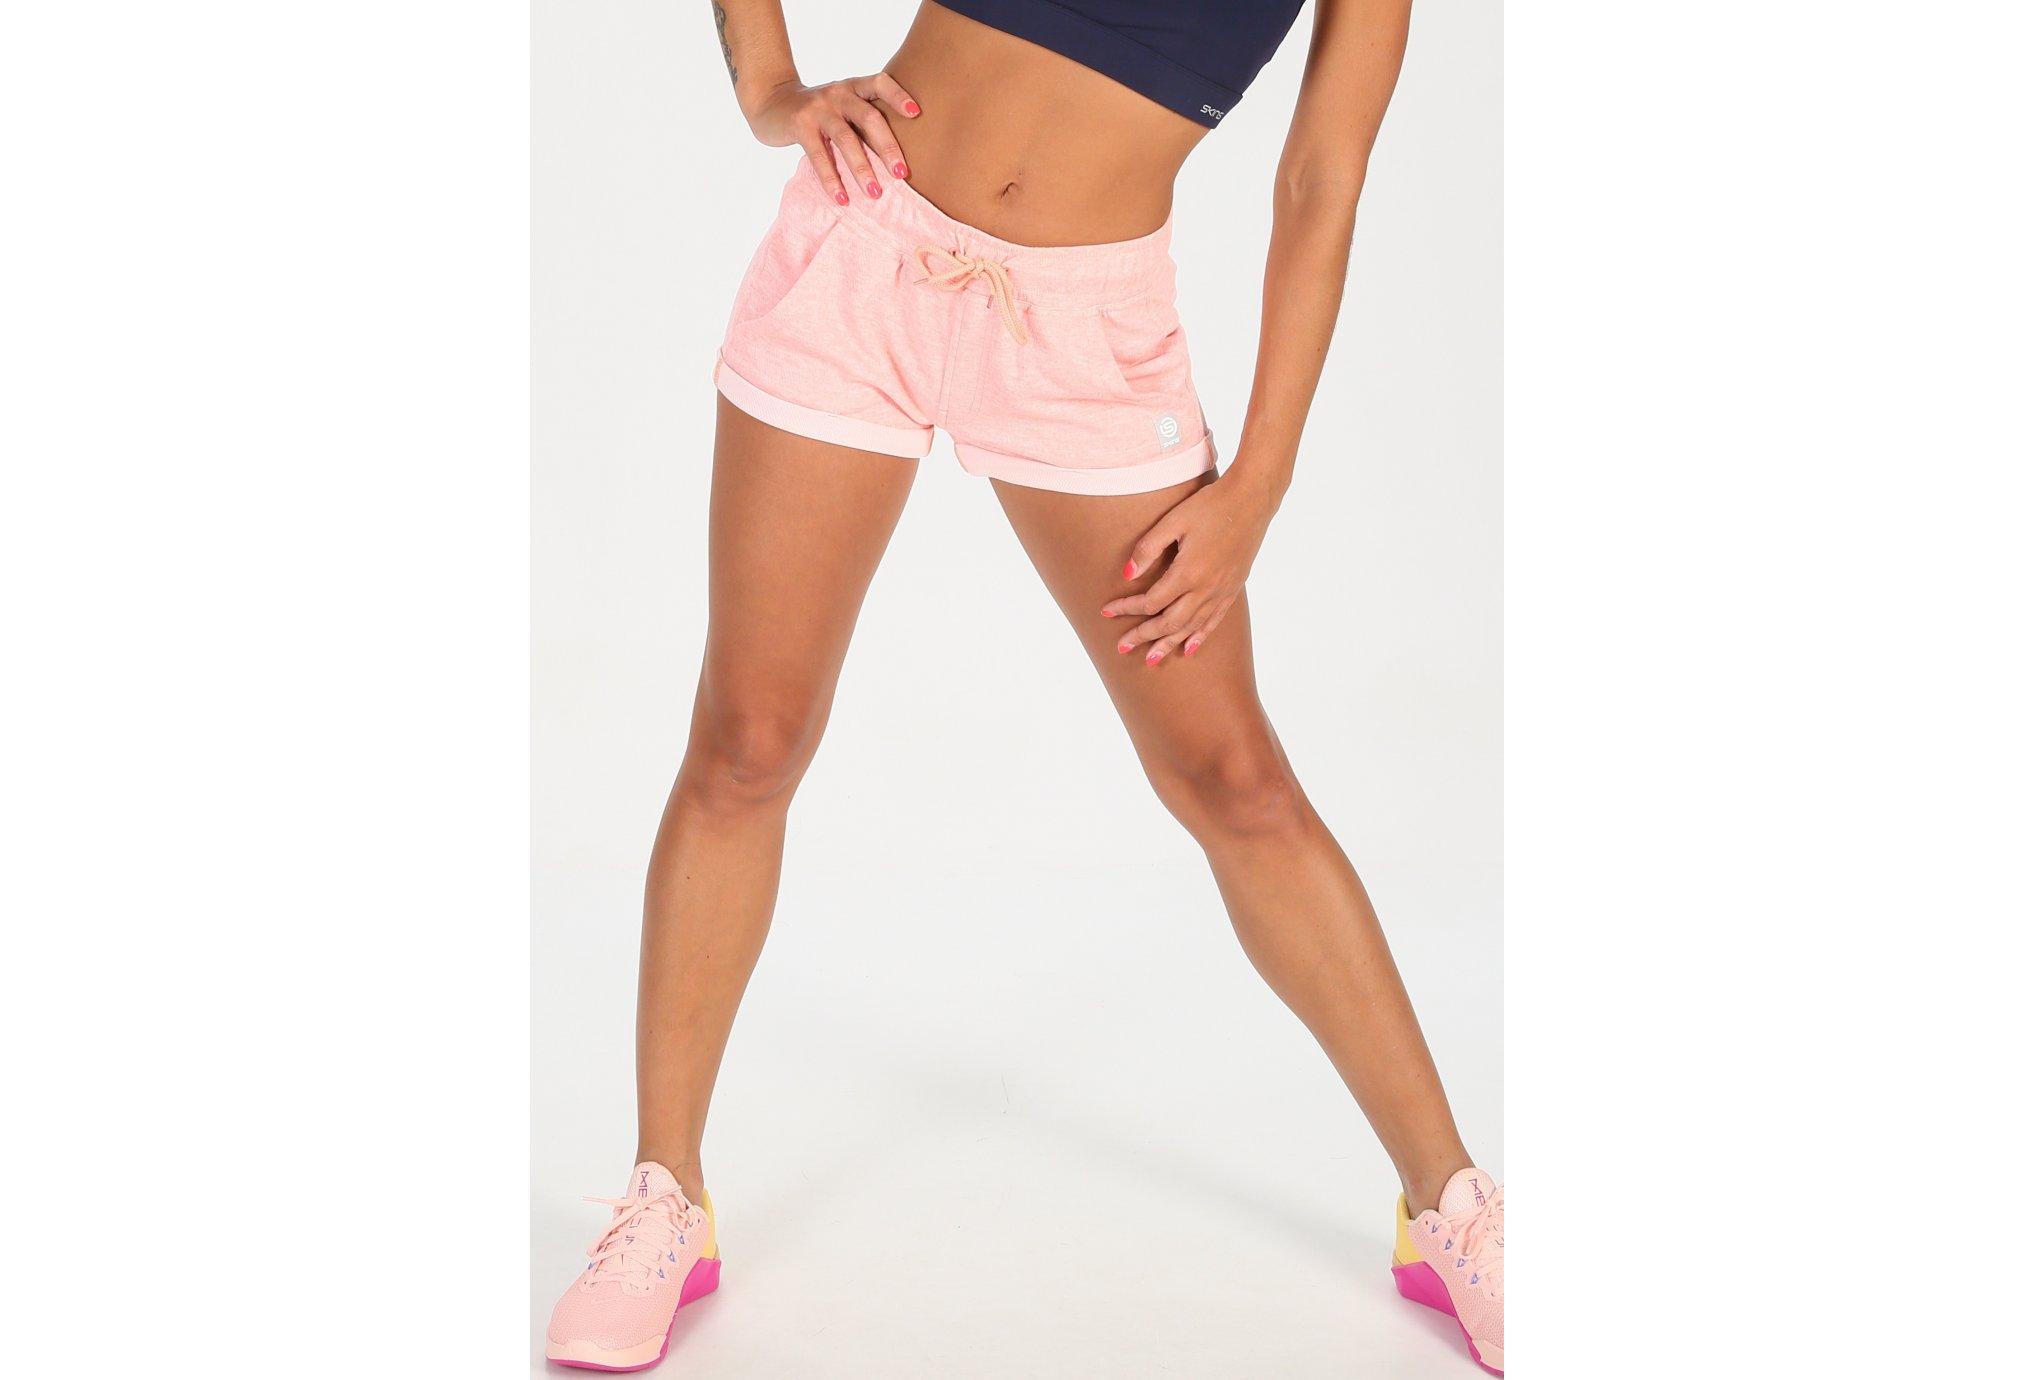 Skins Activewear Output W Diététique Vêtements femme